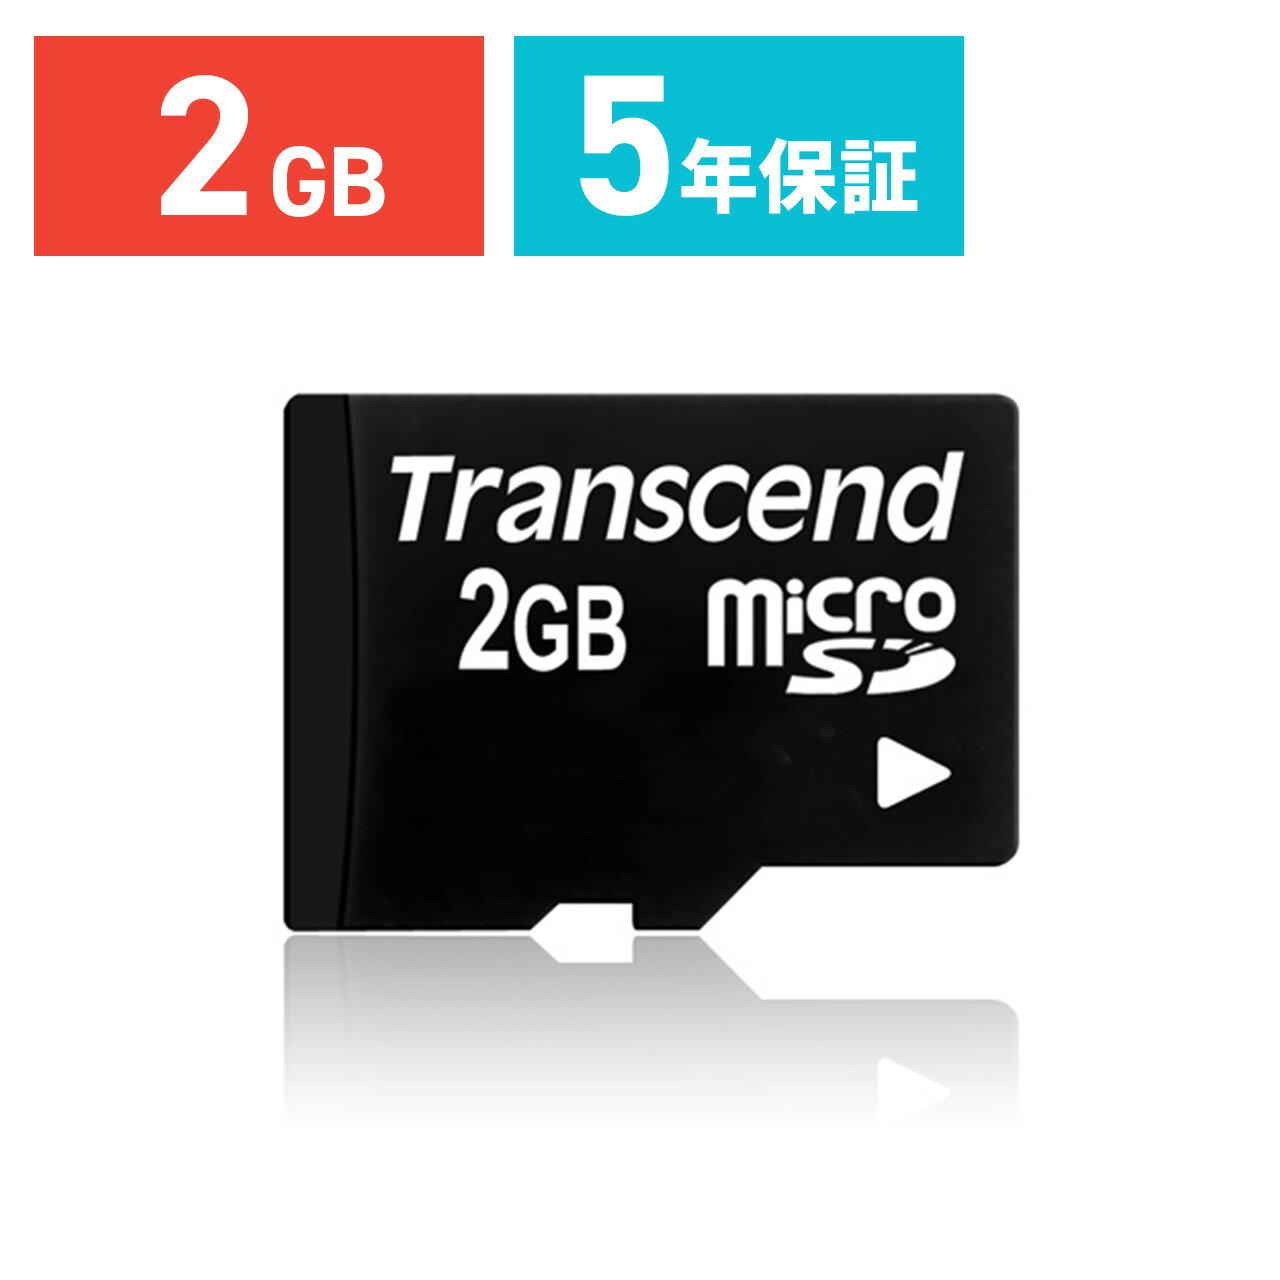 Transcend microSDカード 2GB 5年保証 マイクロSD 激安モデル スマホ SD 入学 卒業[TS2GUSDC]【ネコポス対応】【楽天BOX受取対象商品】